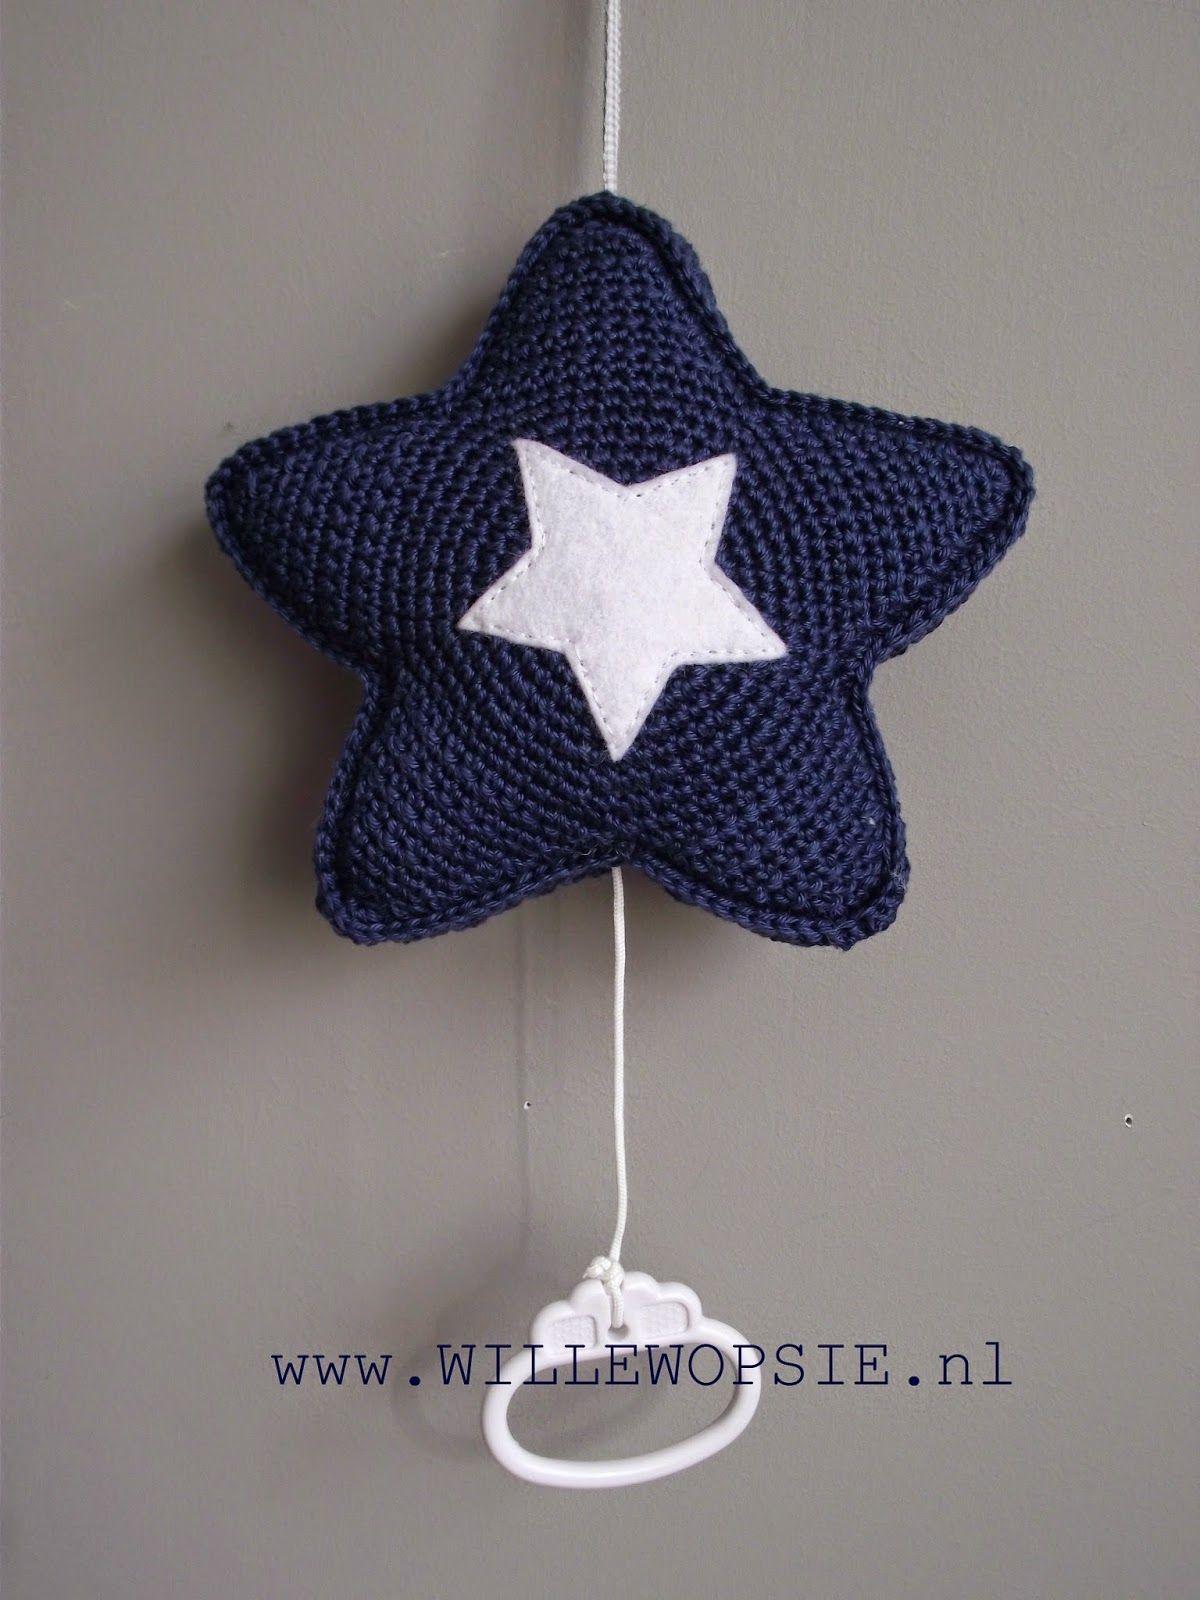 Twinkle Twinkle Bleu Star Willewopsie Pinterest Amigurumi